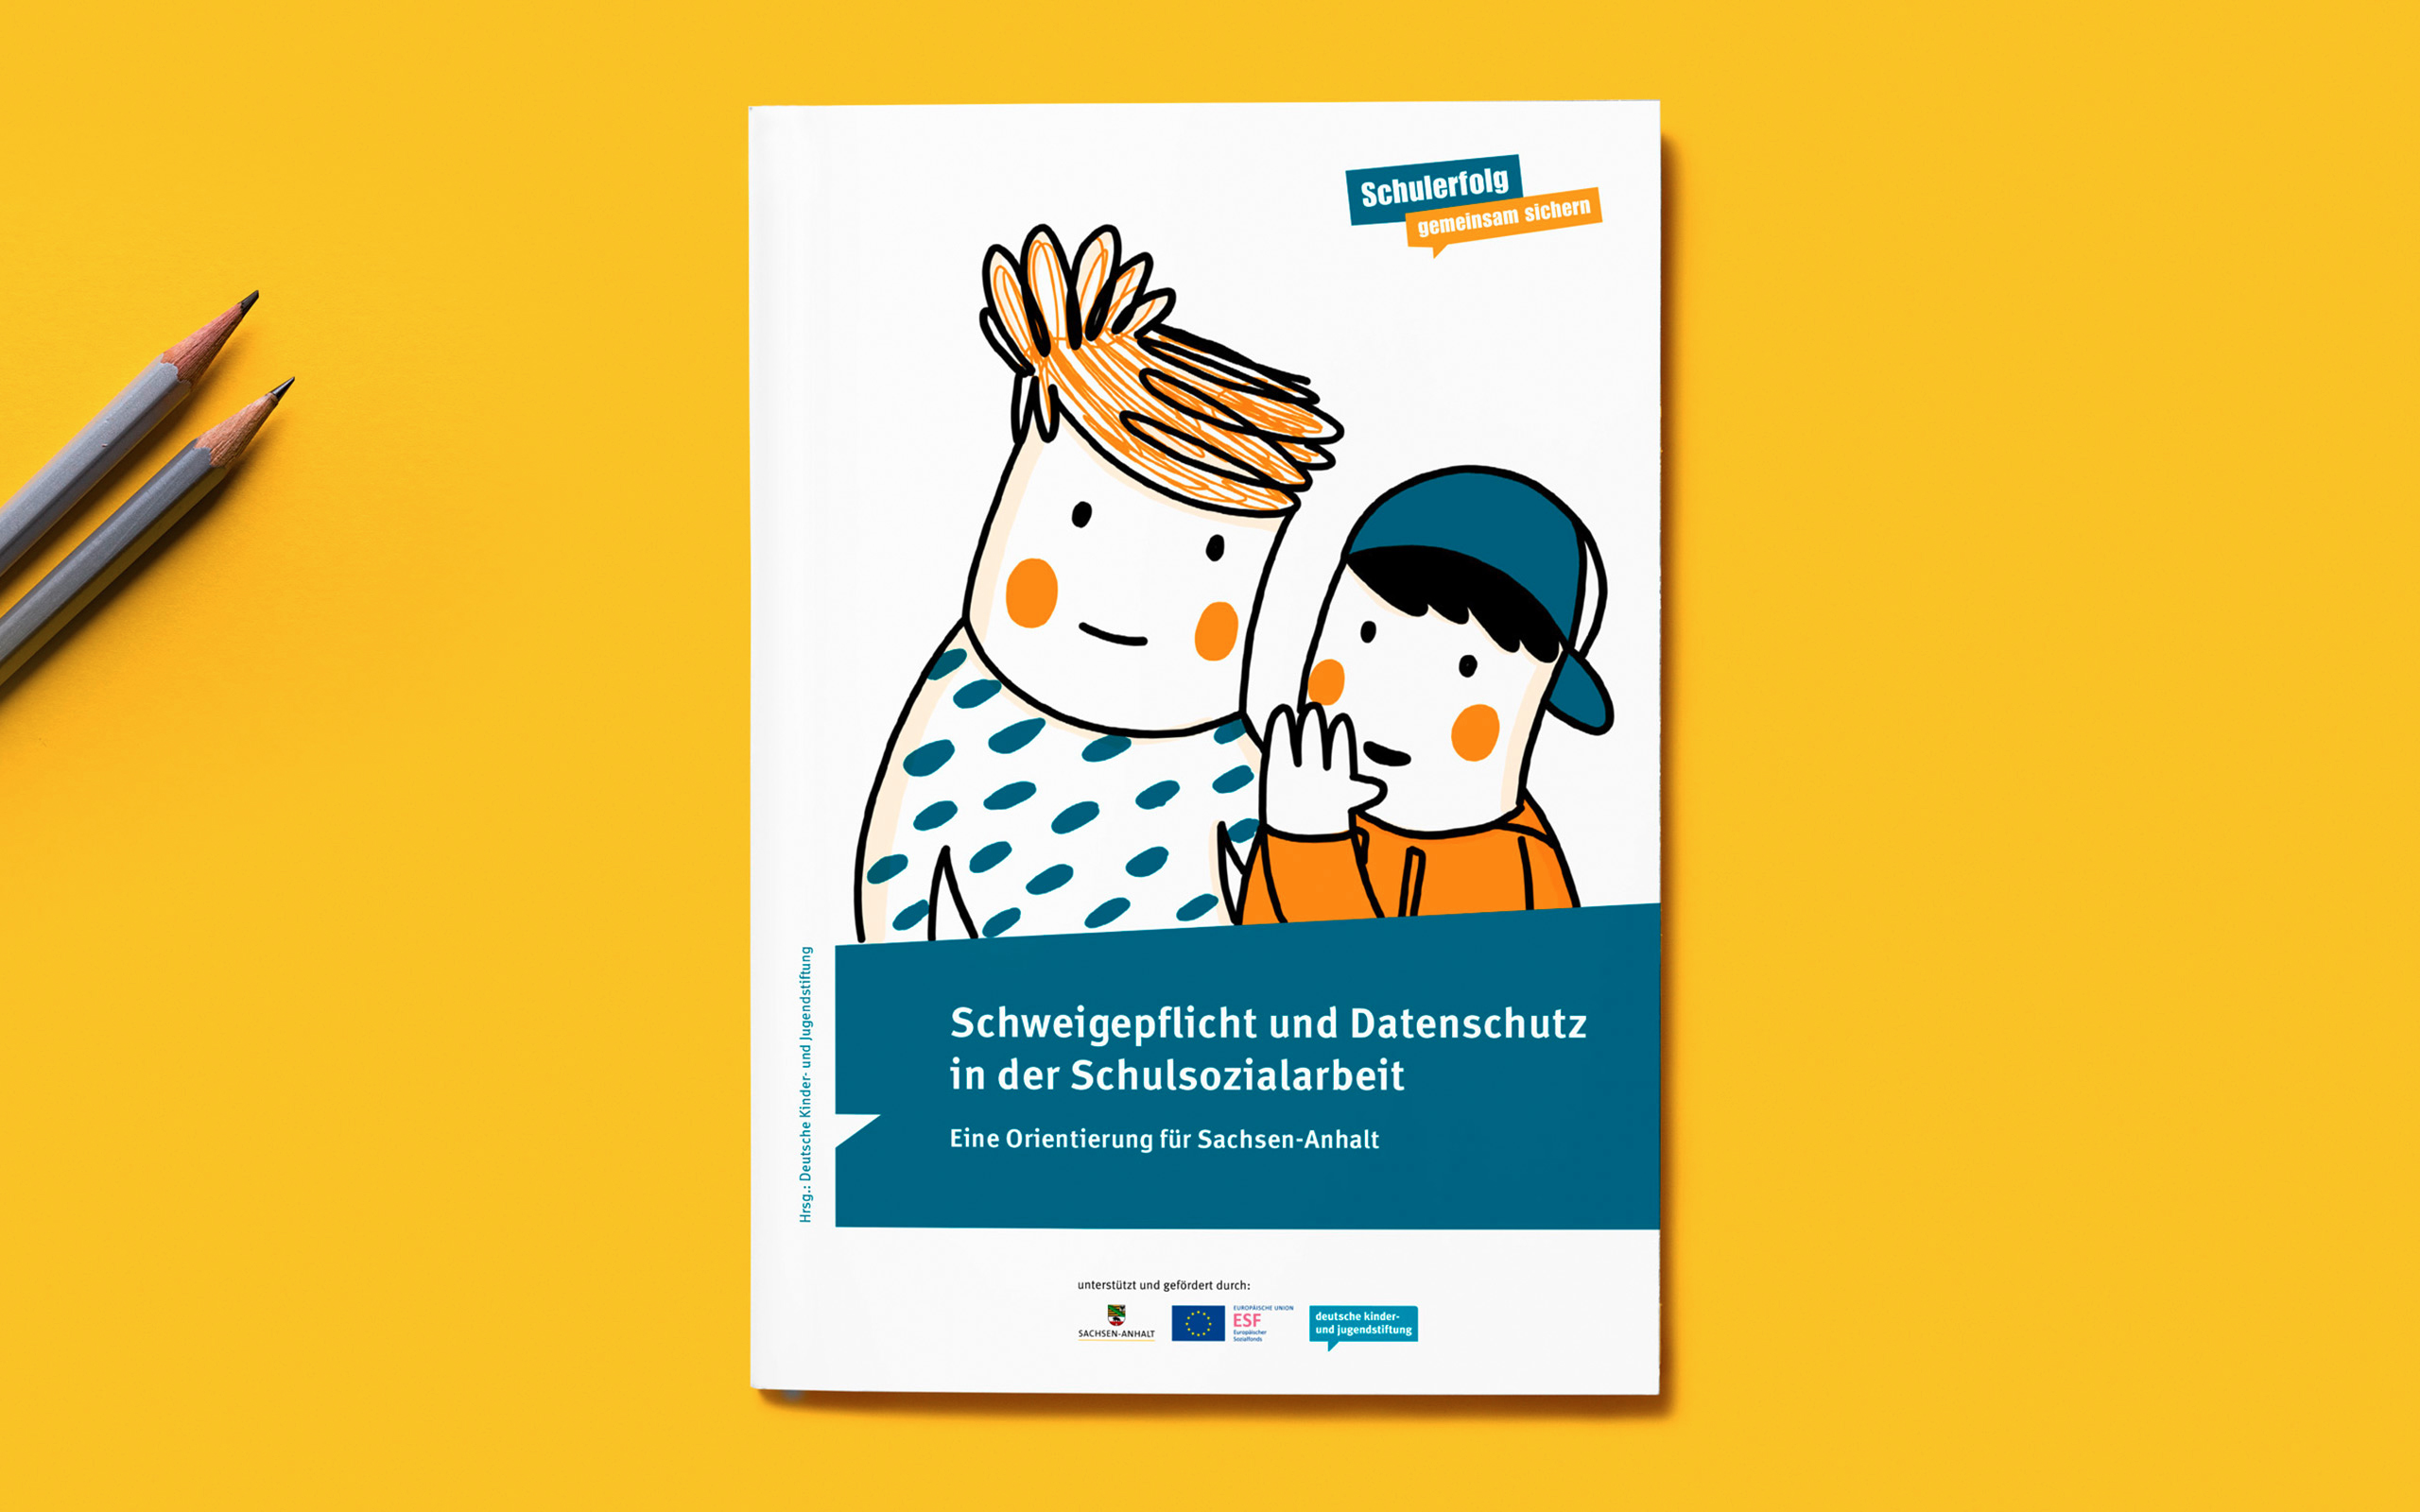 DKJS – Schweigepflicht und Datenschutz in der Schulsozialarbeit